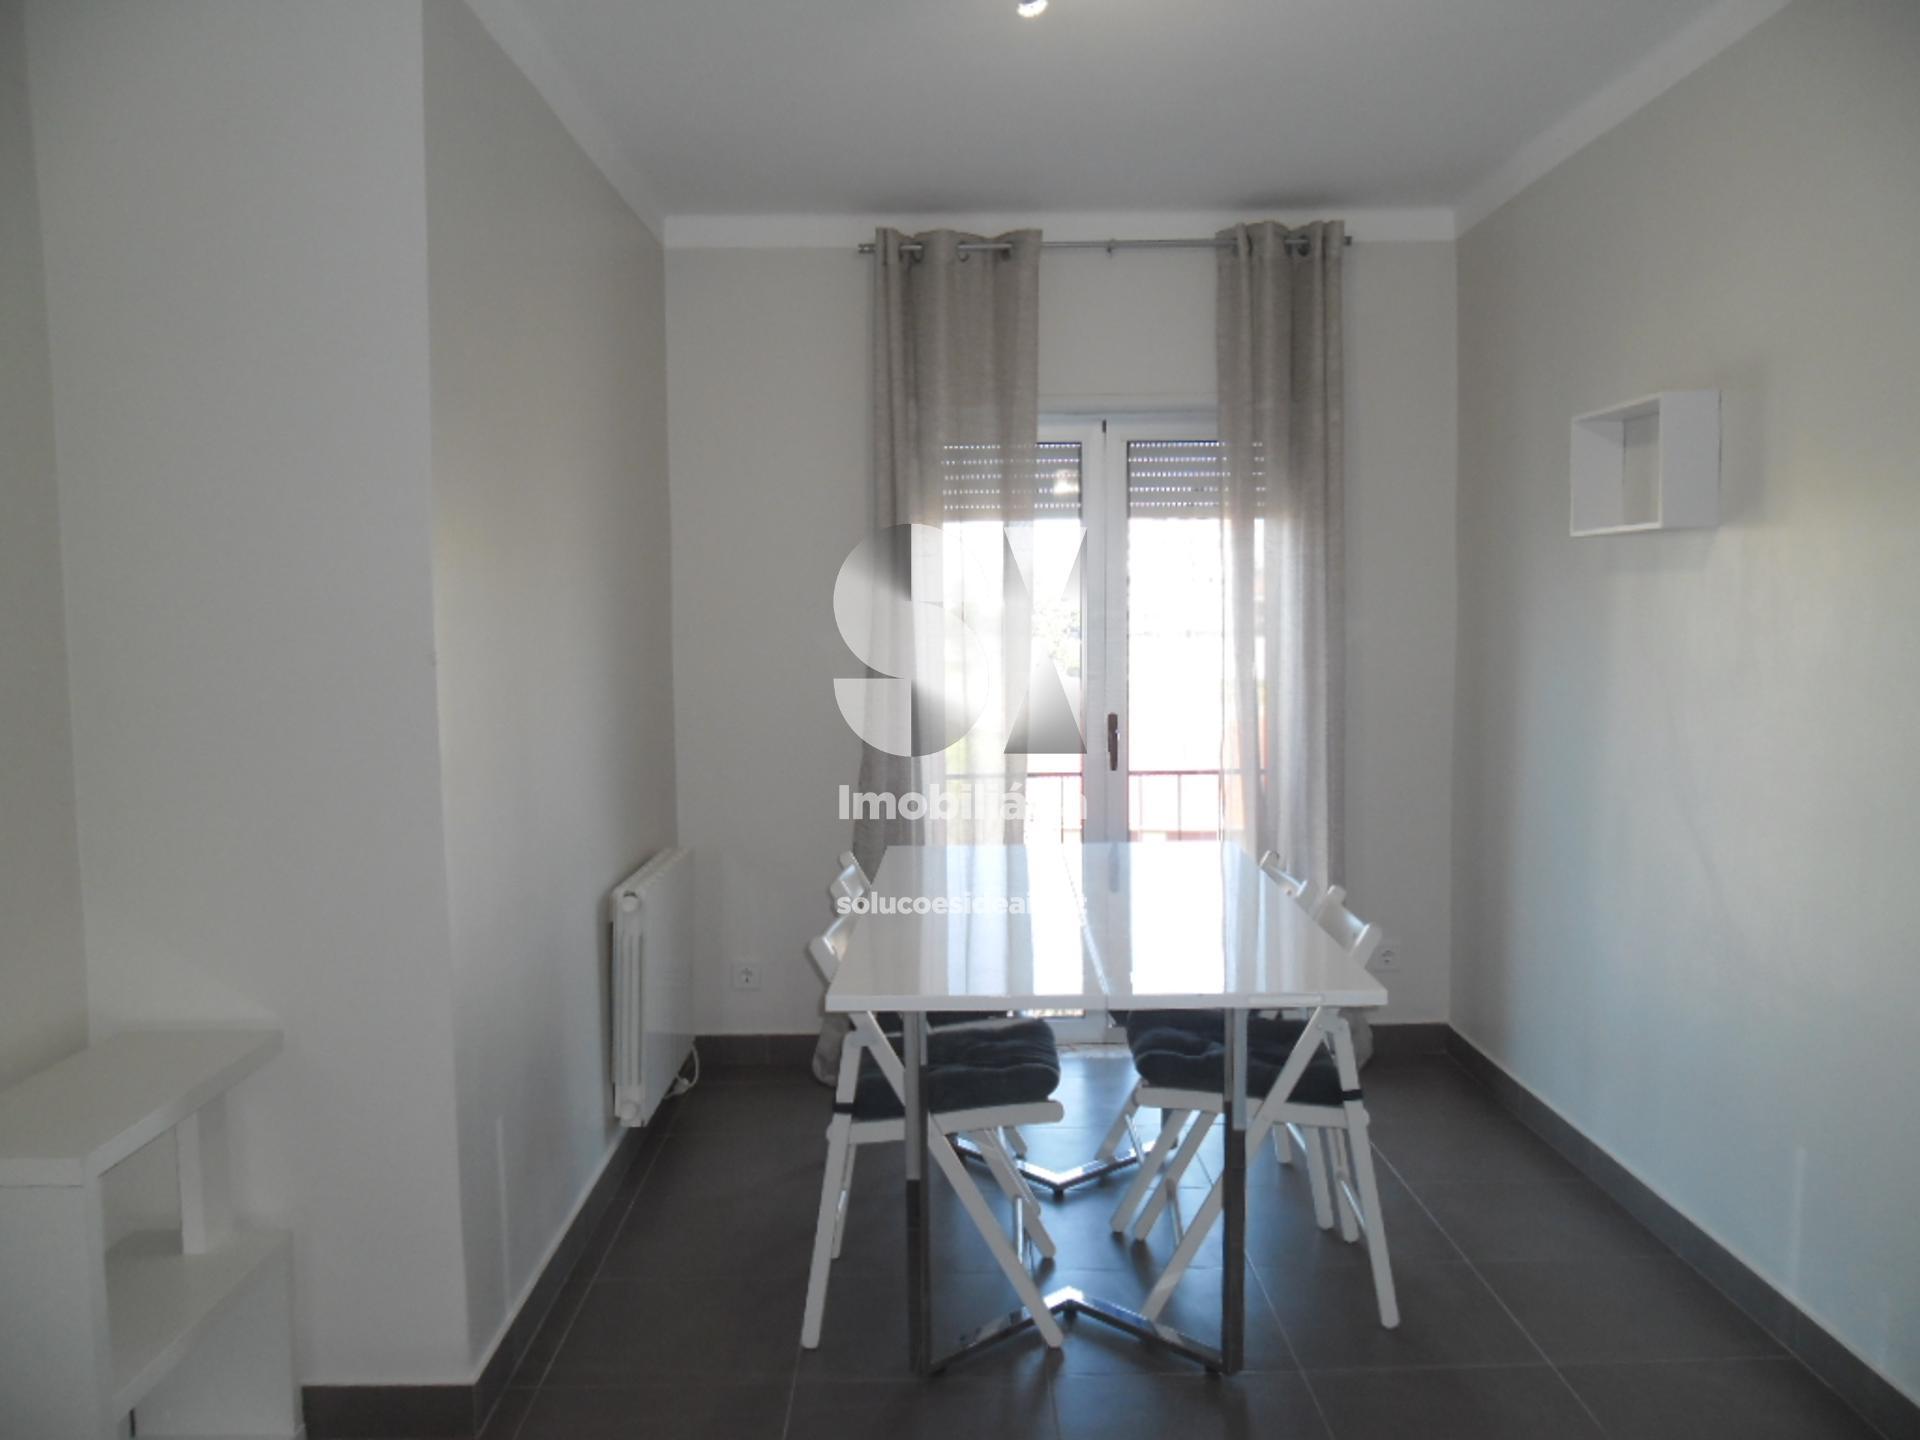 apartamento t1 para arrendamento em coimbra santo antonio dos olivais celas CELGD2640